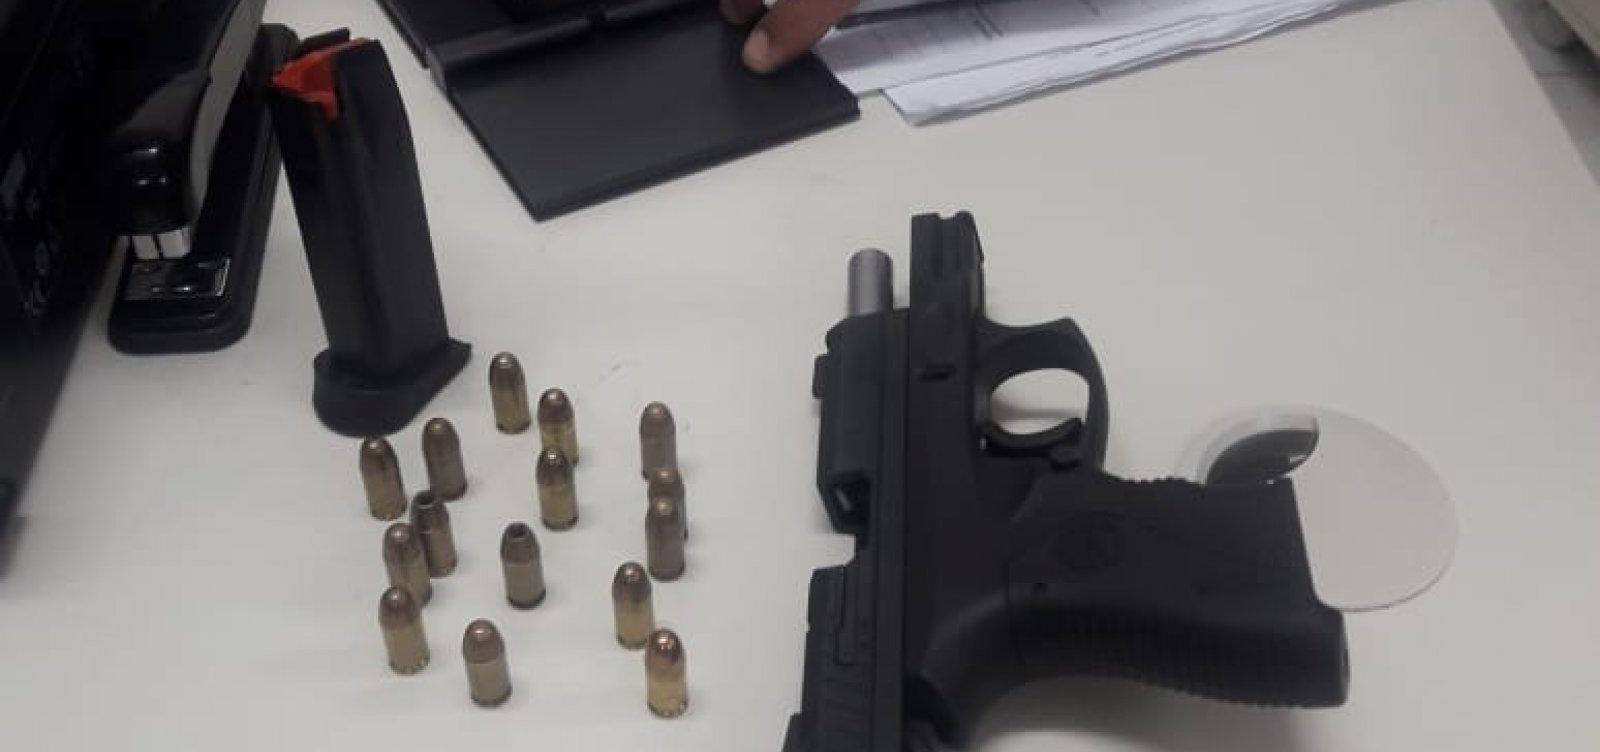 [Cinco armas de fogo são apreendidas na Operação Carnaval em toda a Bahia; três em Salvador]